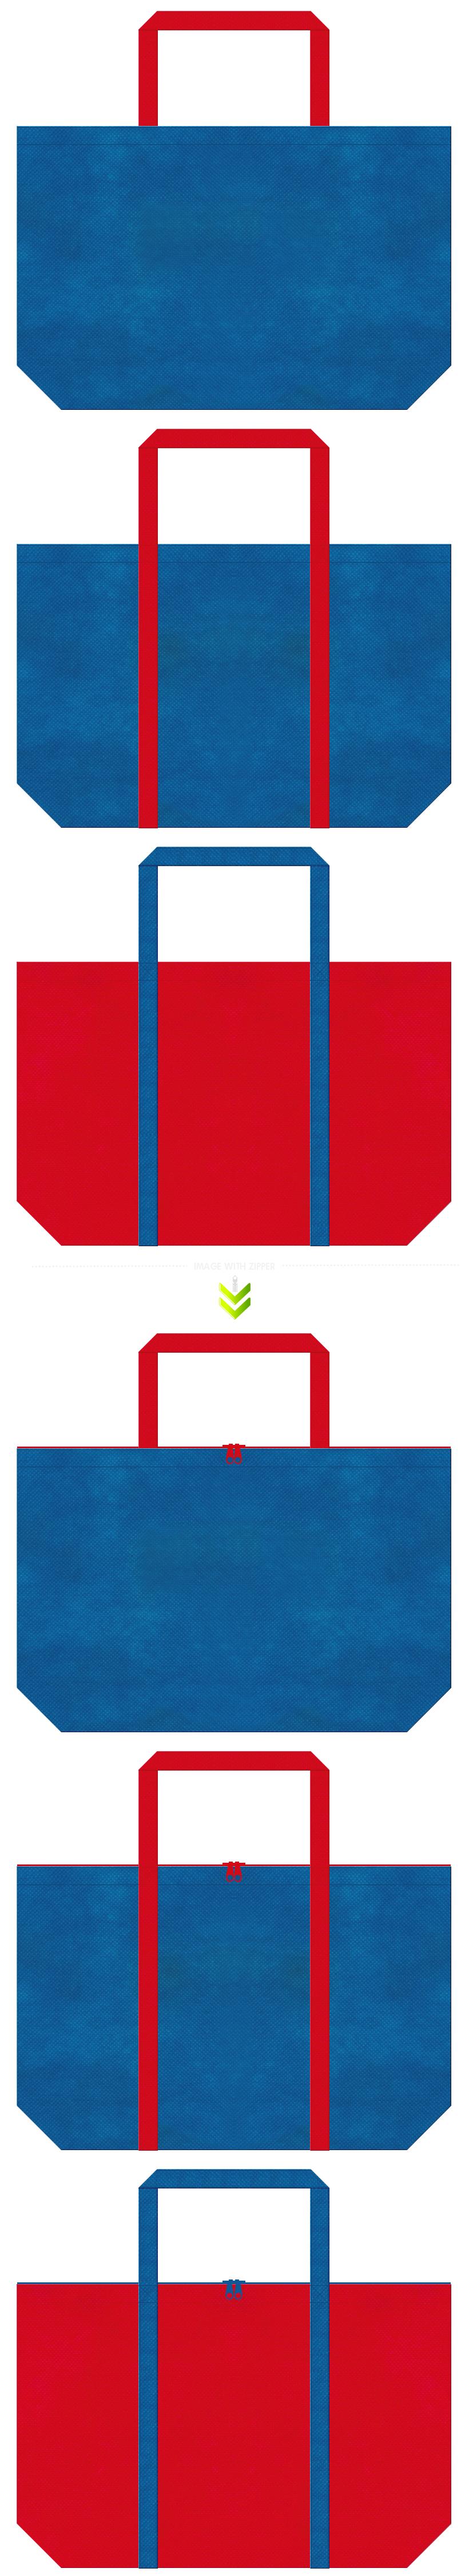 テーマパーク・おもちゃ・ロボット・ラジコン・プラモデル・ホビーのショッピングバッグにお奨めの不織布バッグデザイン:青色と紅色のコーデ